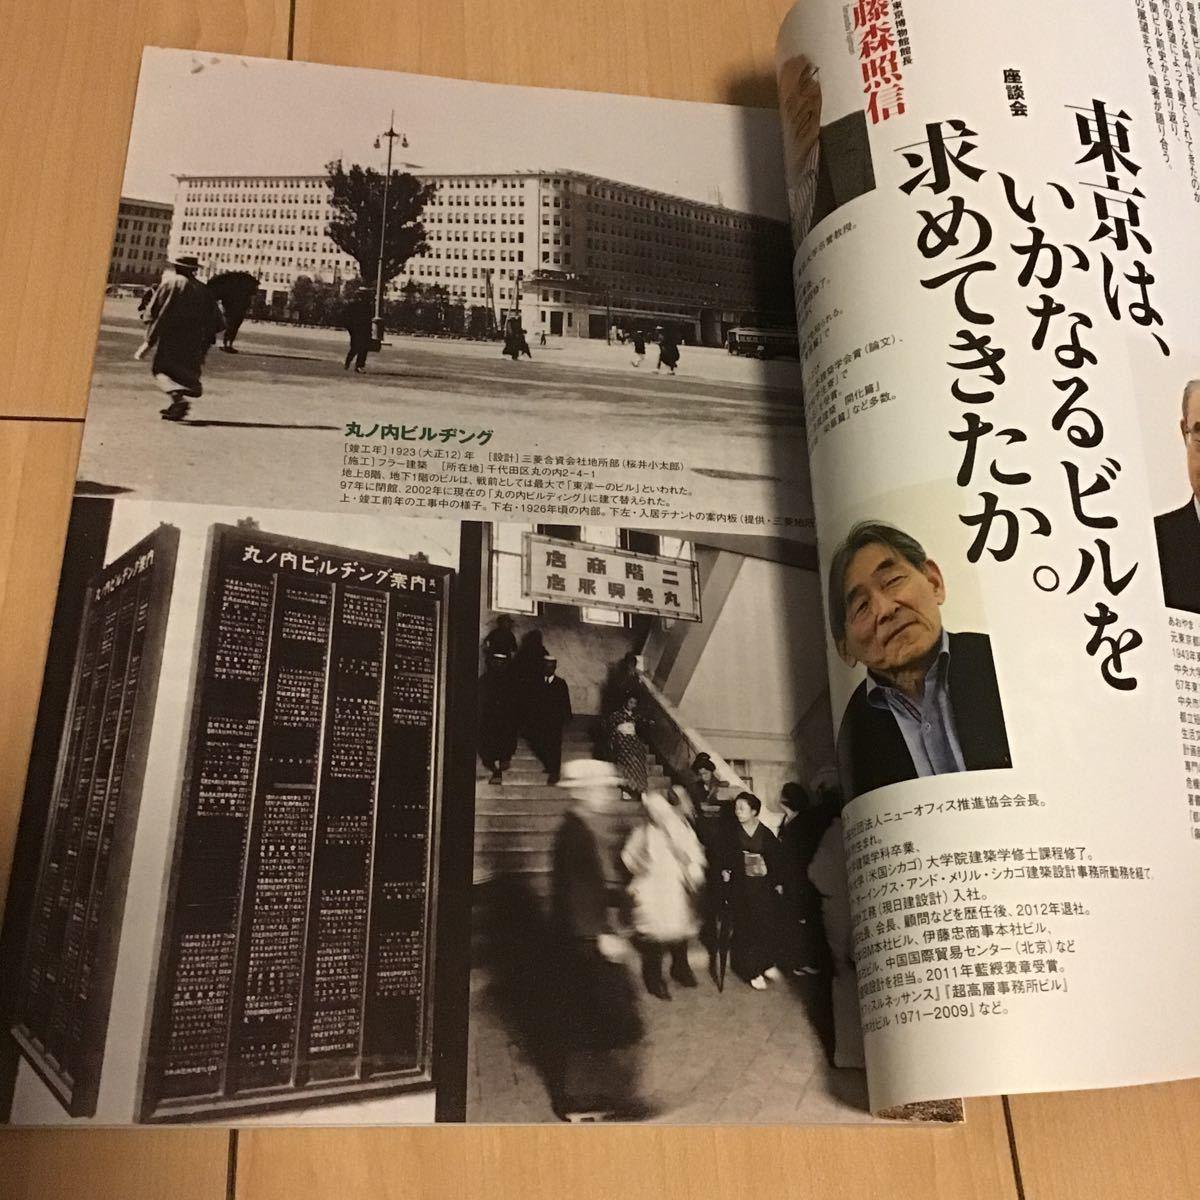 東京人 NO.396 2018年5月号 ビル散歩 1960-1970年代 レトロから超高層まで / 都市をつくるビル10選_画像8